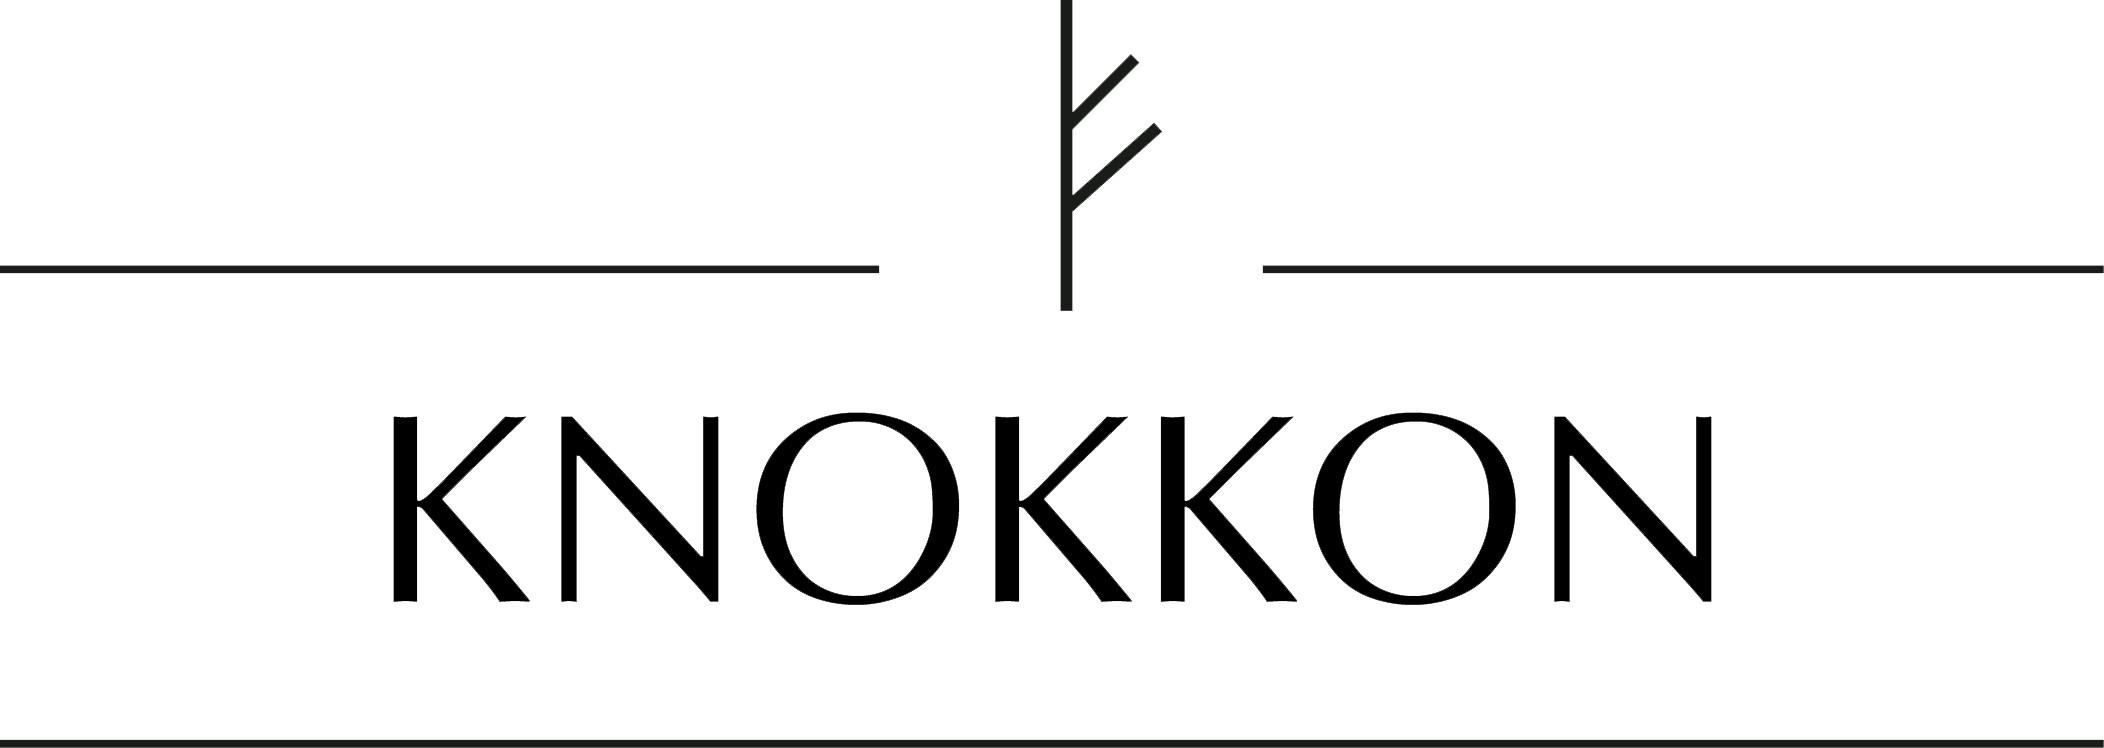 knokkon logo